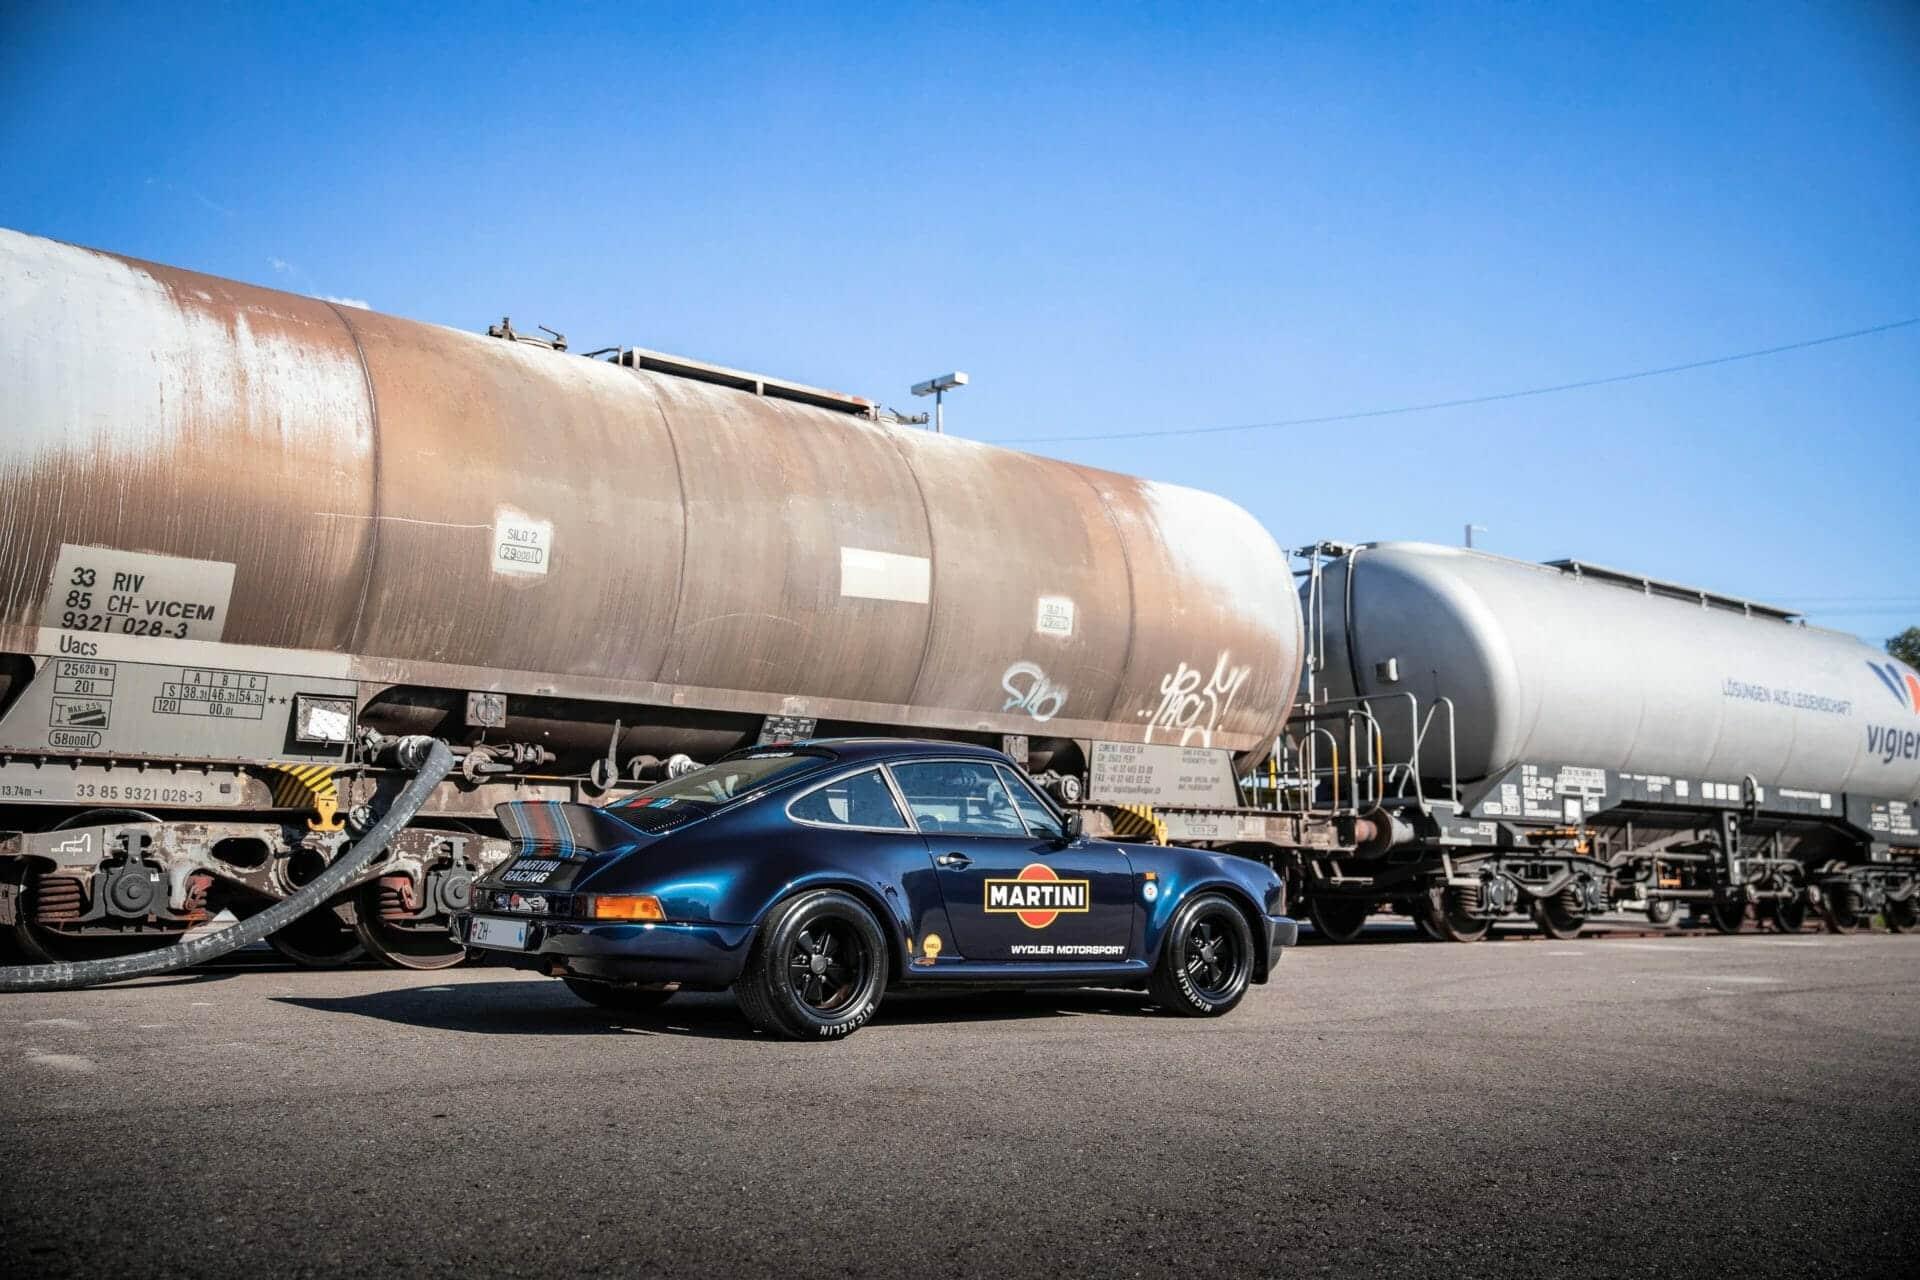 Porsche 911 Martini81 - Picture 5